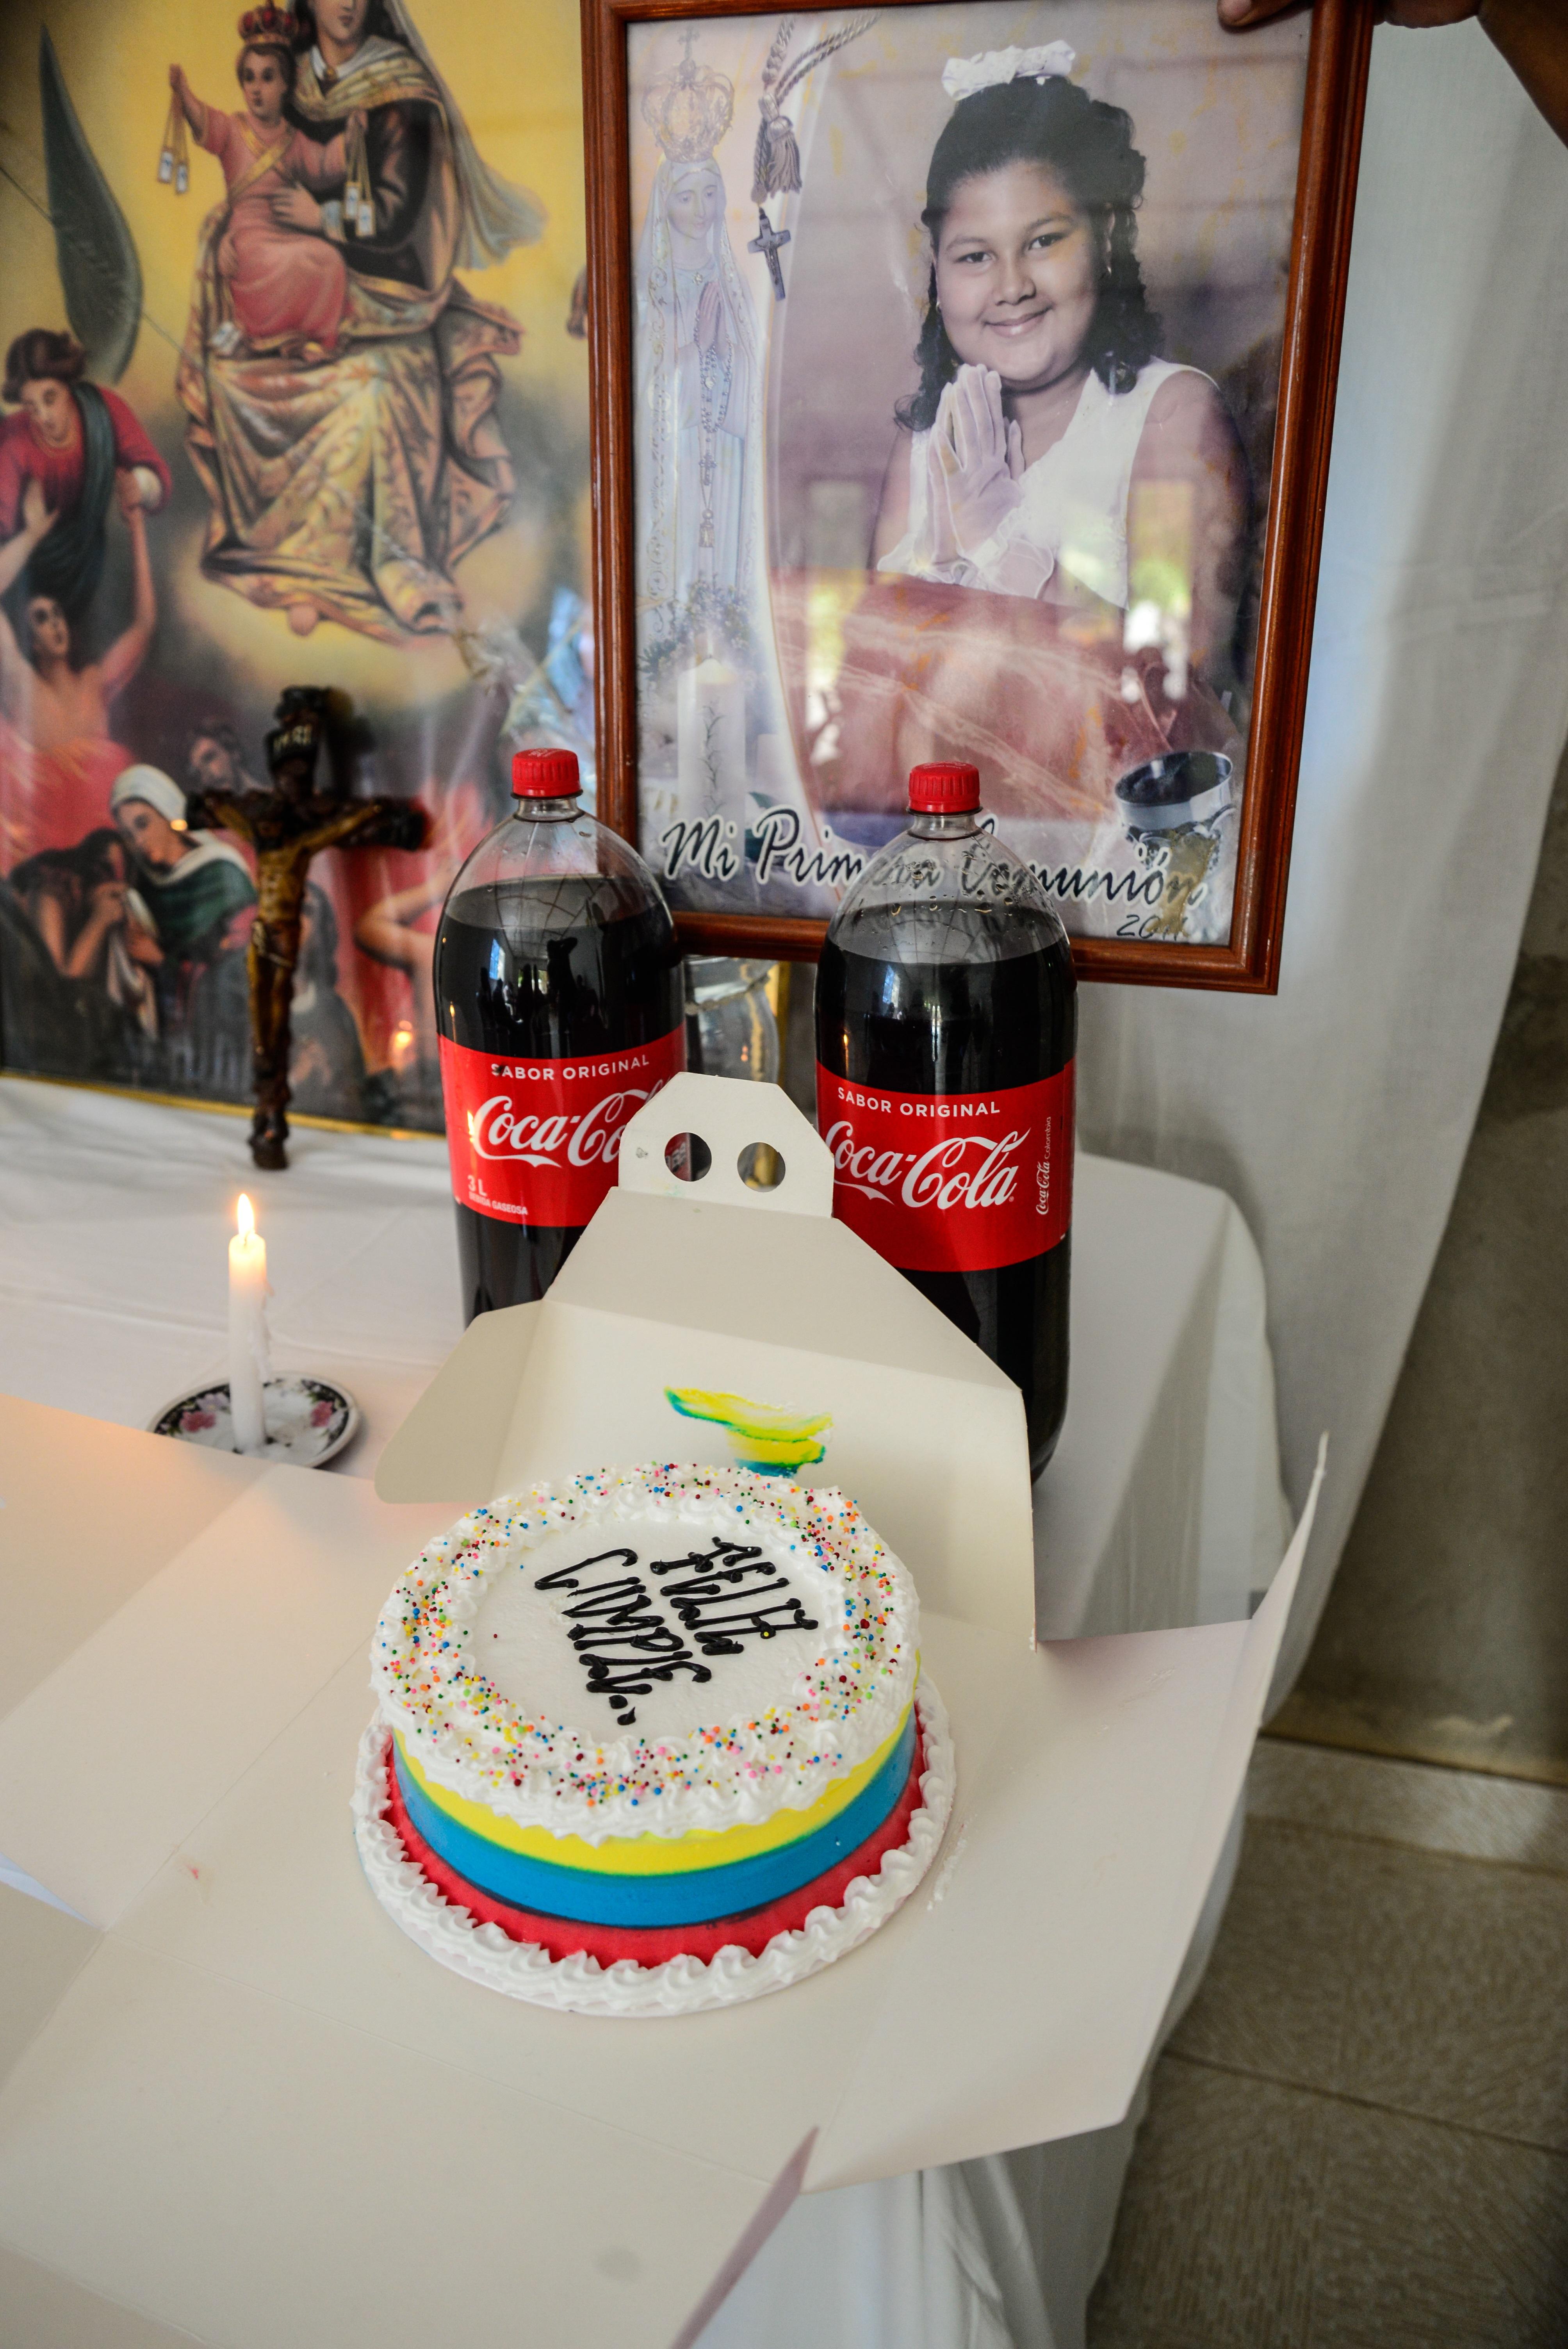 El pudín para celebrar el cumpleaños de Angie quedó intacto en su casa.